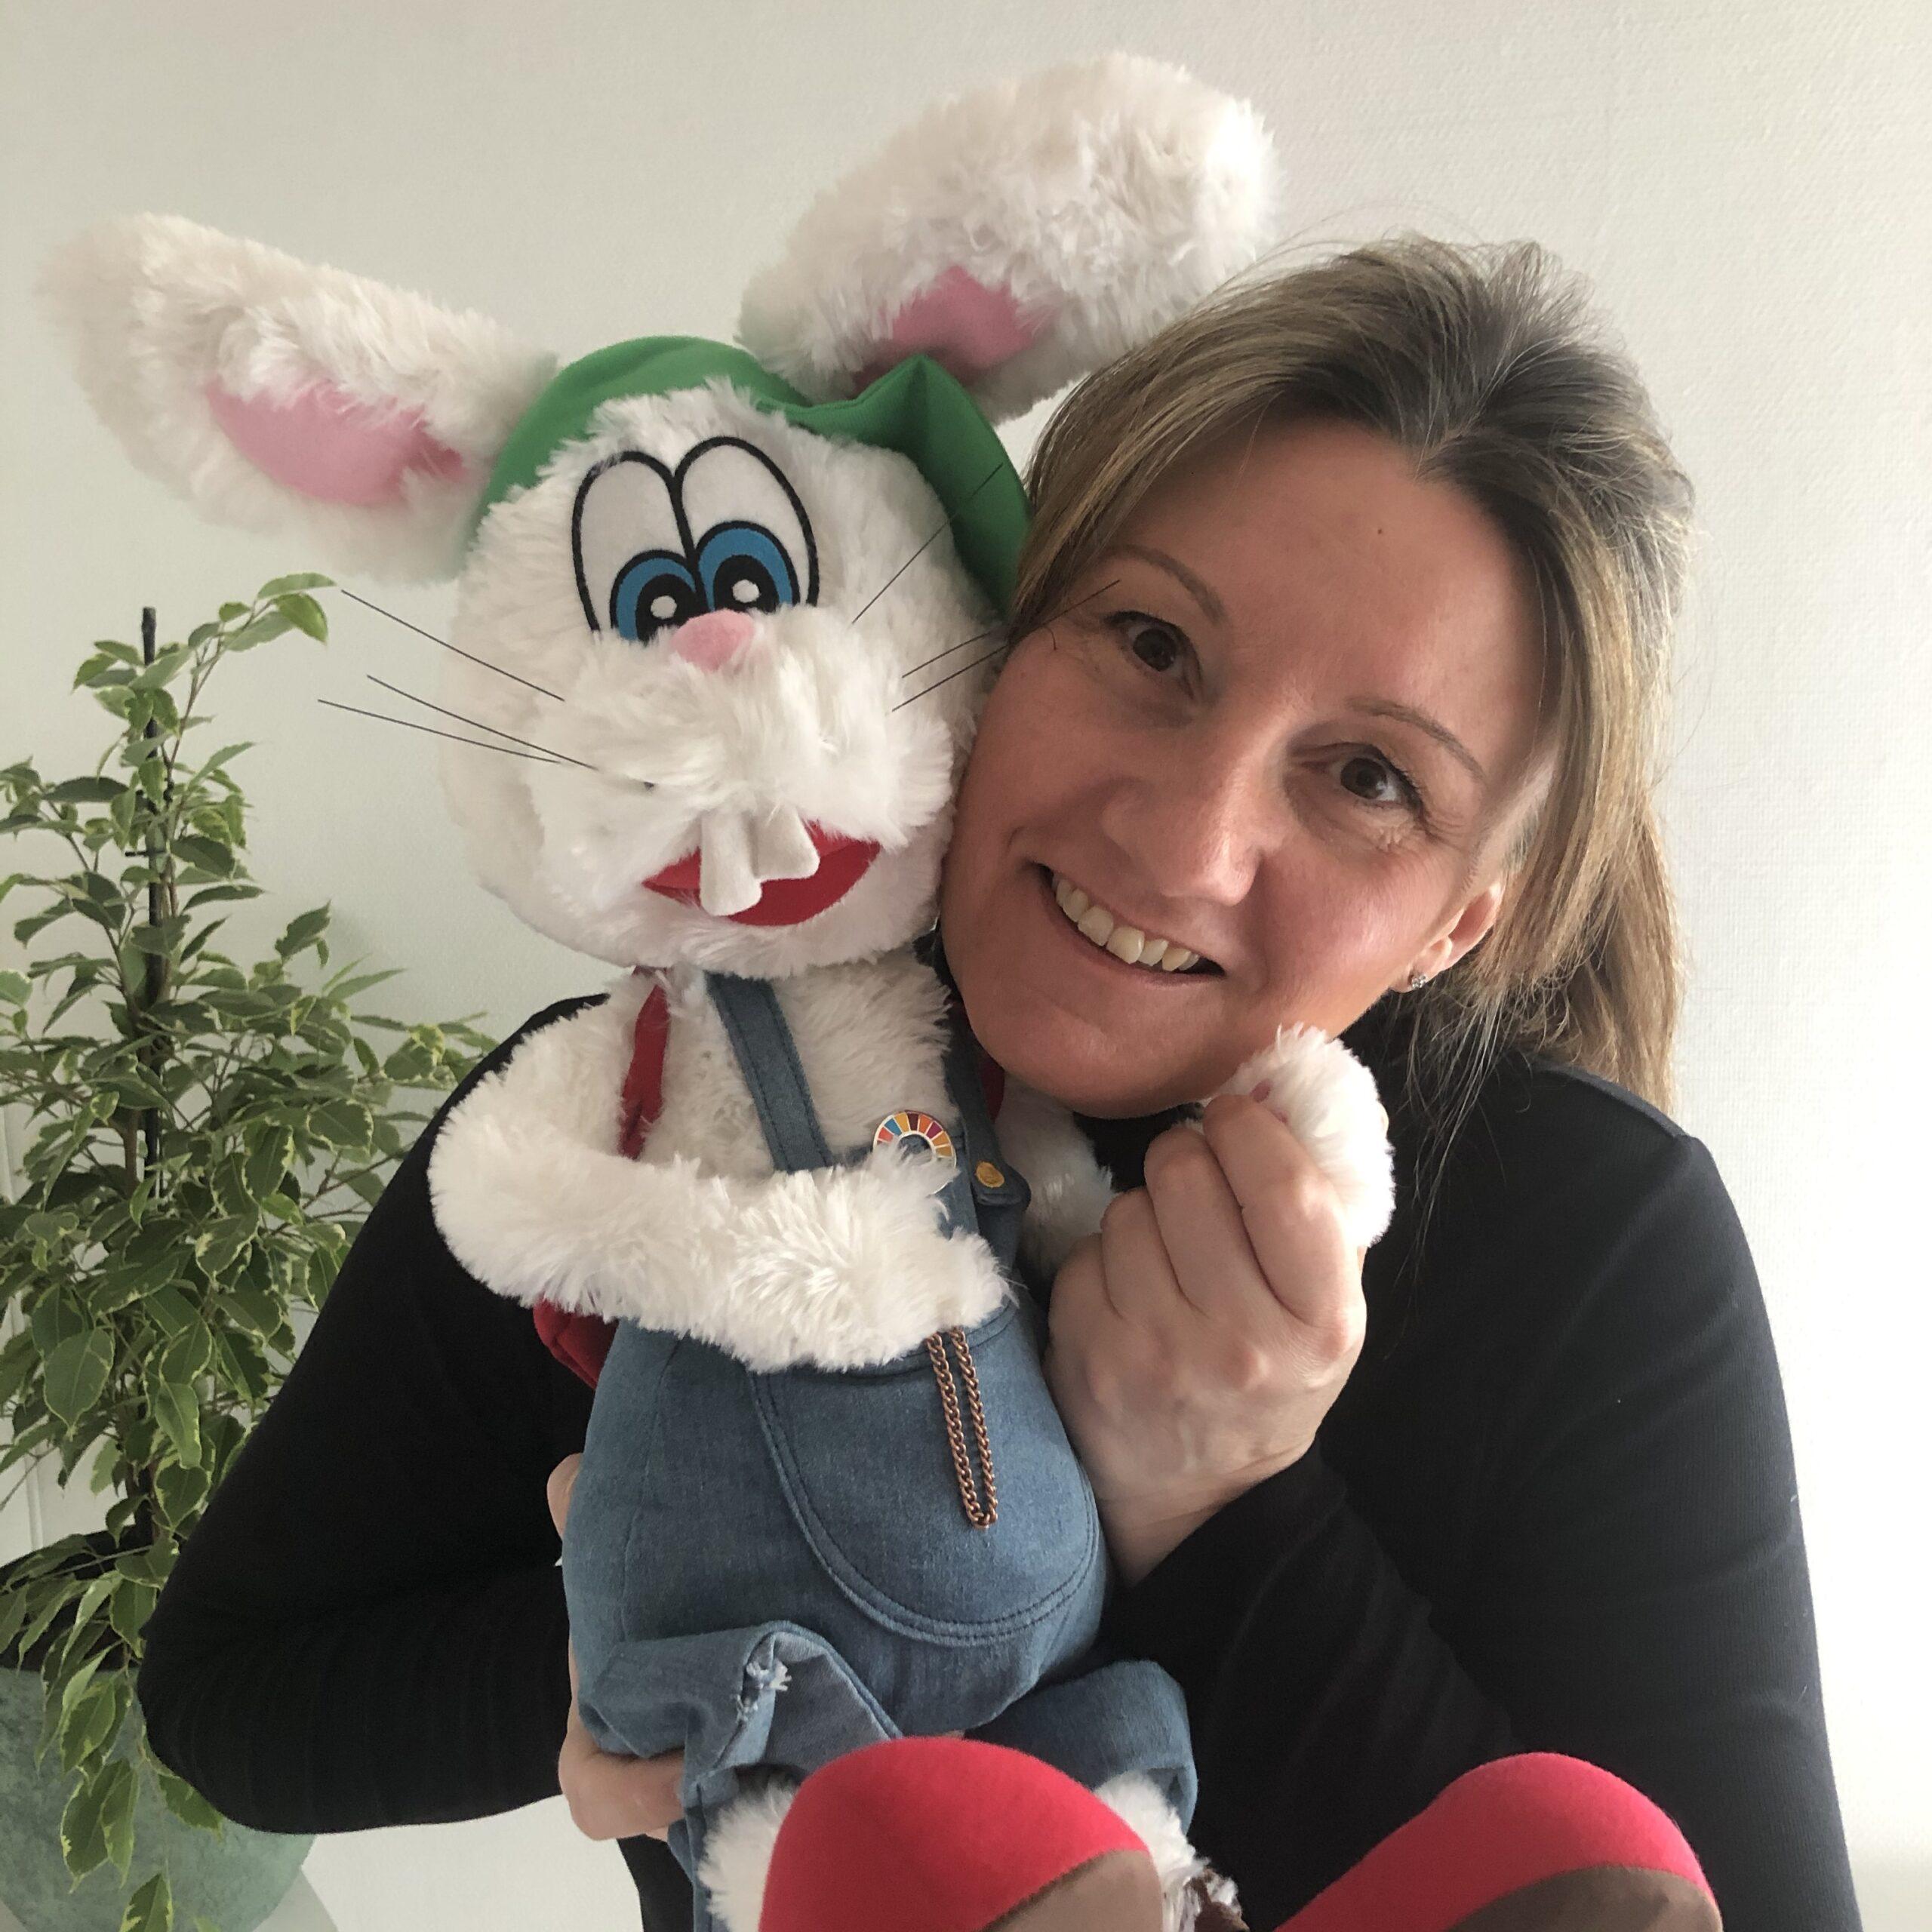 Marianne D. Strømfeldt